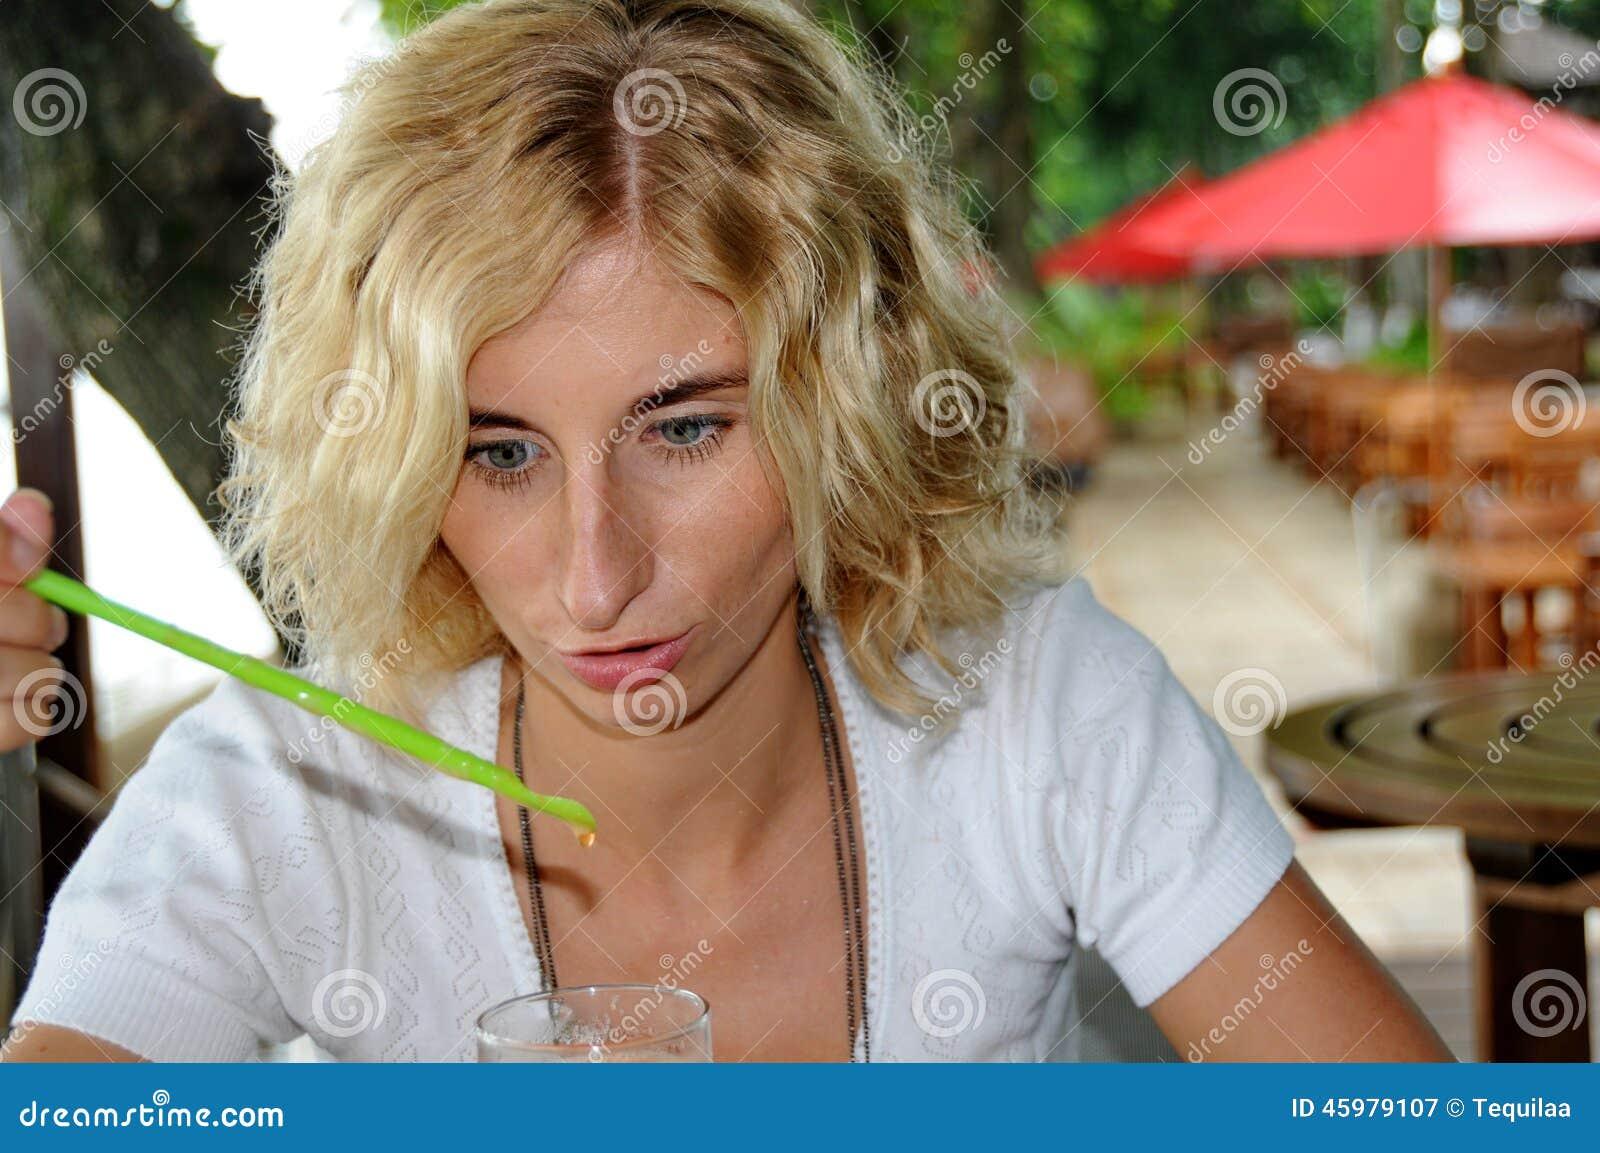 Leggende neri una con pelosa annunci cecilia erotici nonna, Domestica siti immagine mature ragazze fidanzate foto che pissing sesso piedi donne.